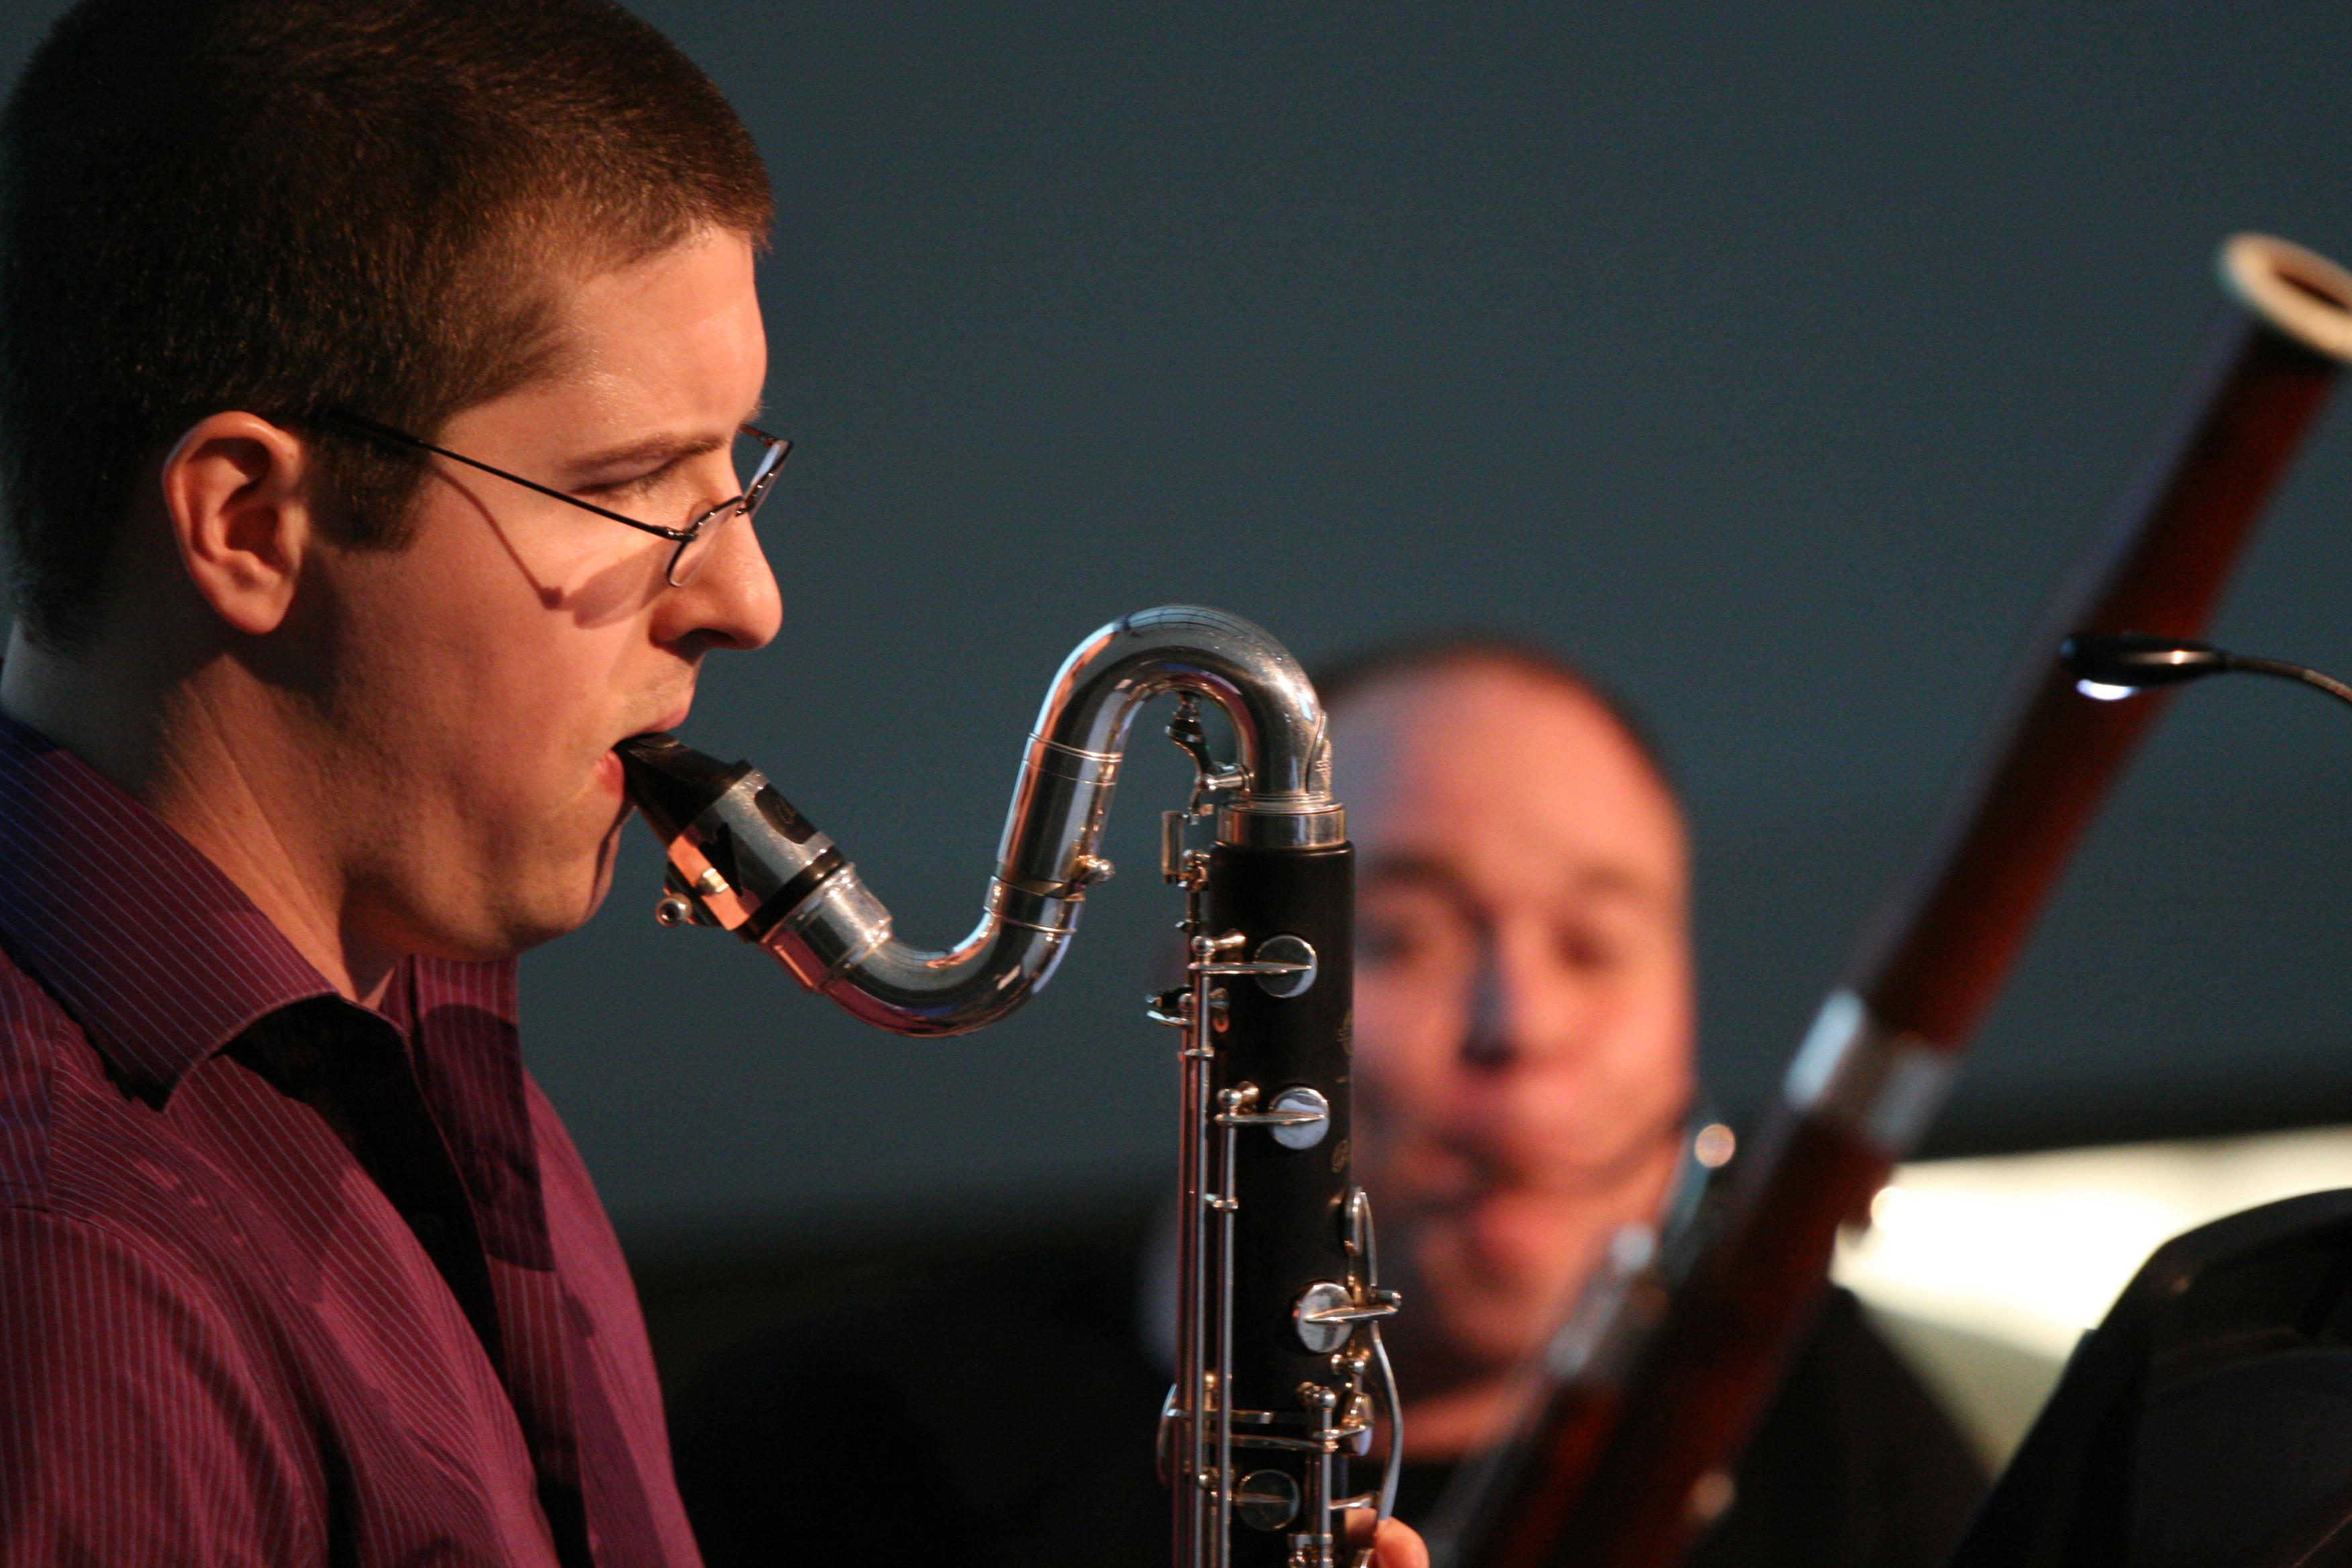 Wind Instrument in Concert